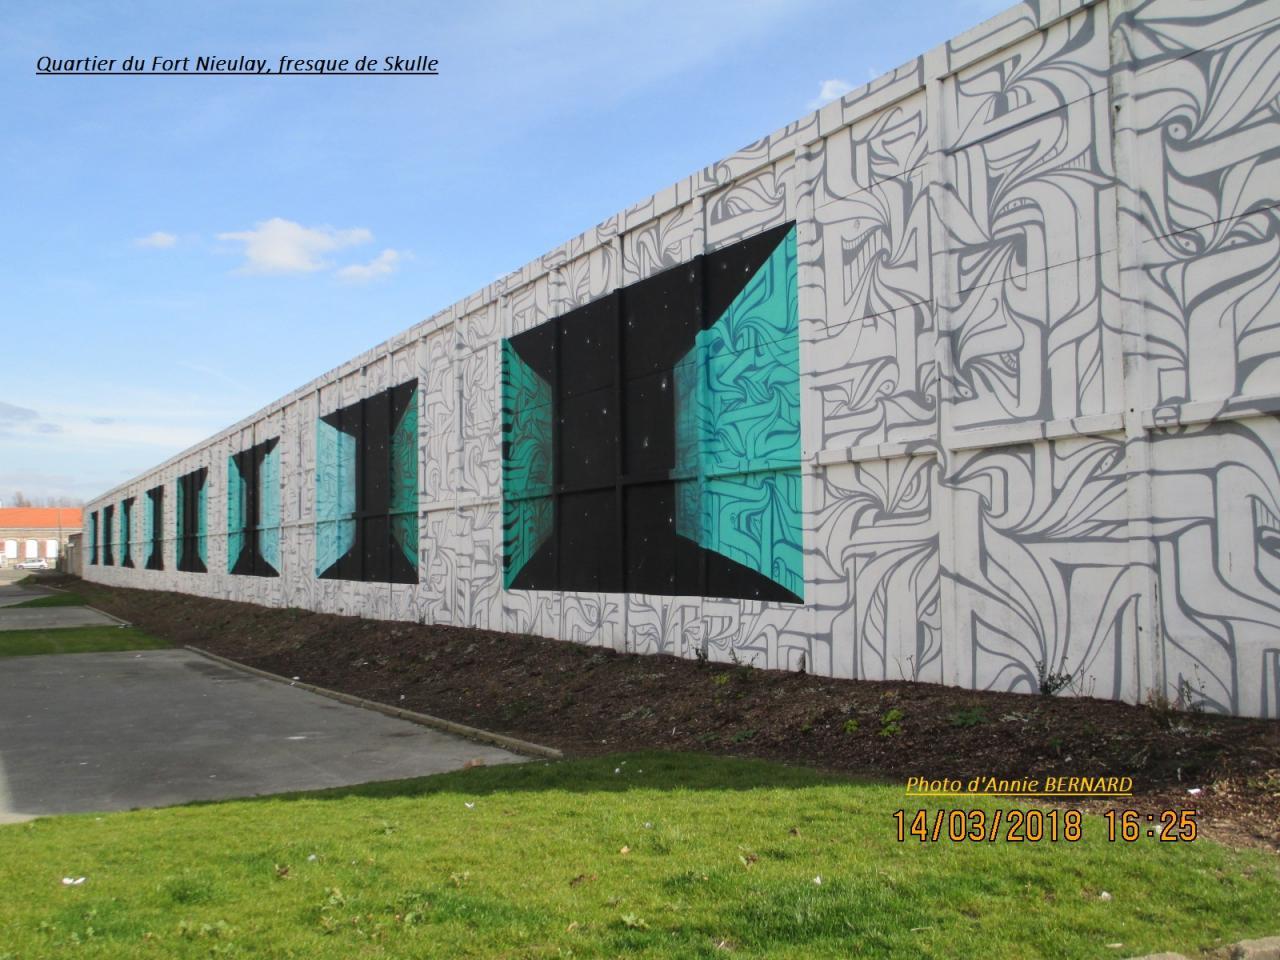 Quartier du Fort Nieulay, fresque de Skulle et Astro de 2017